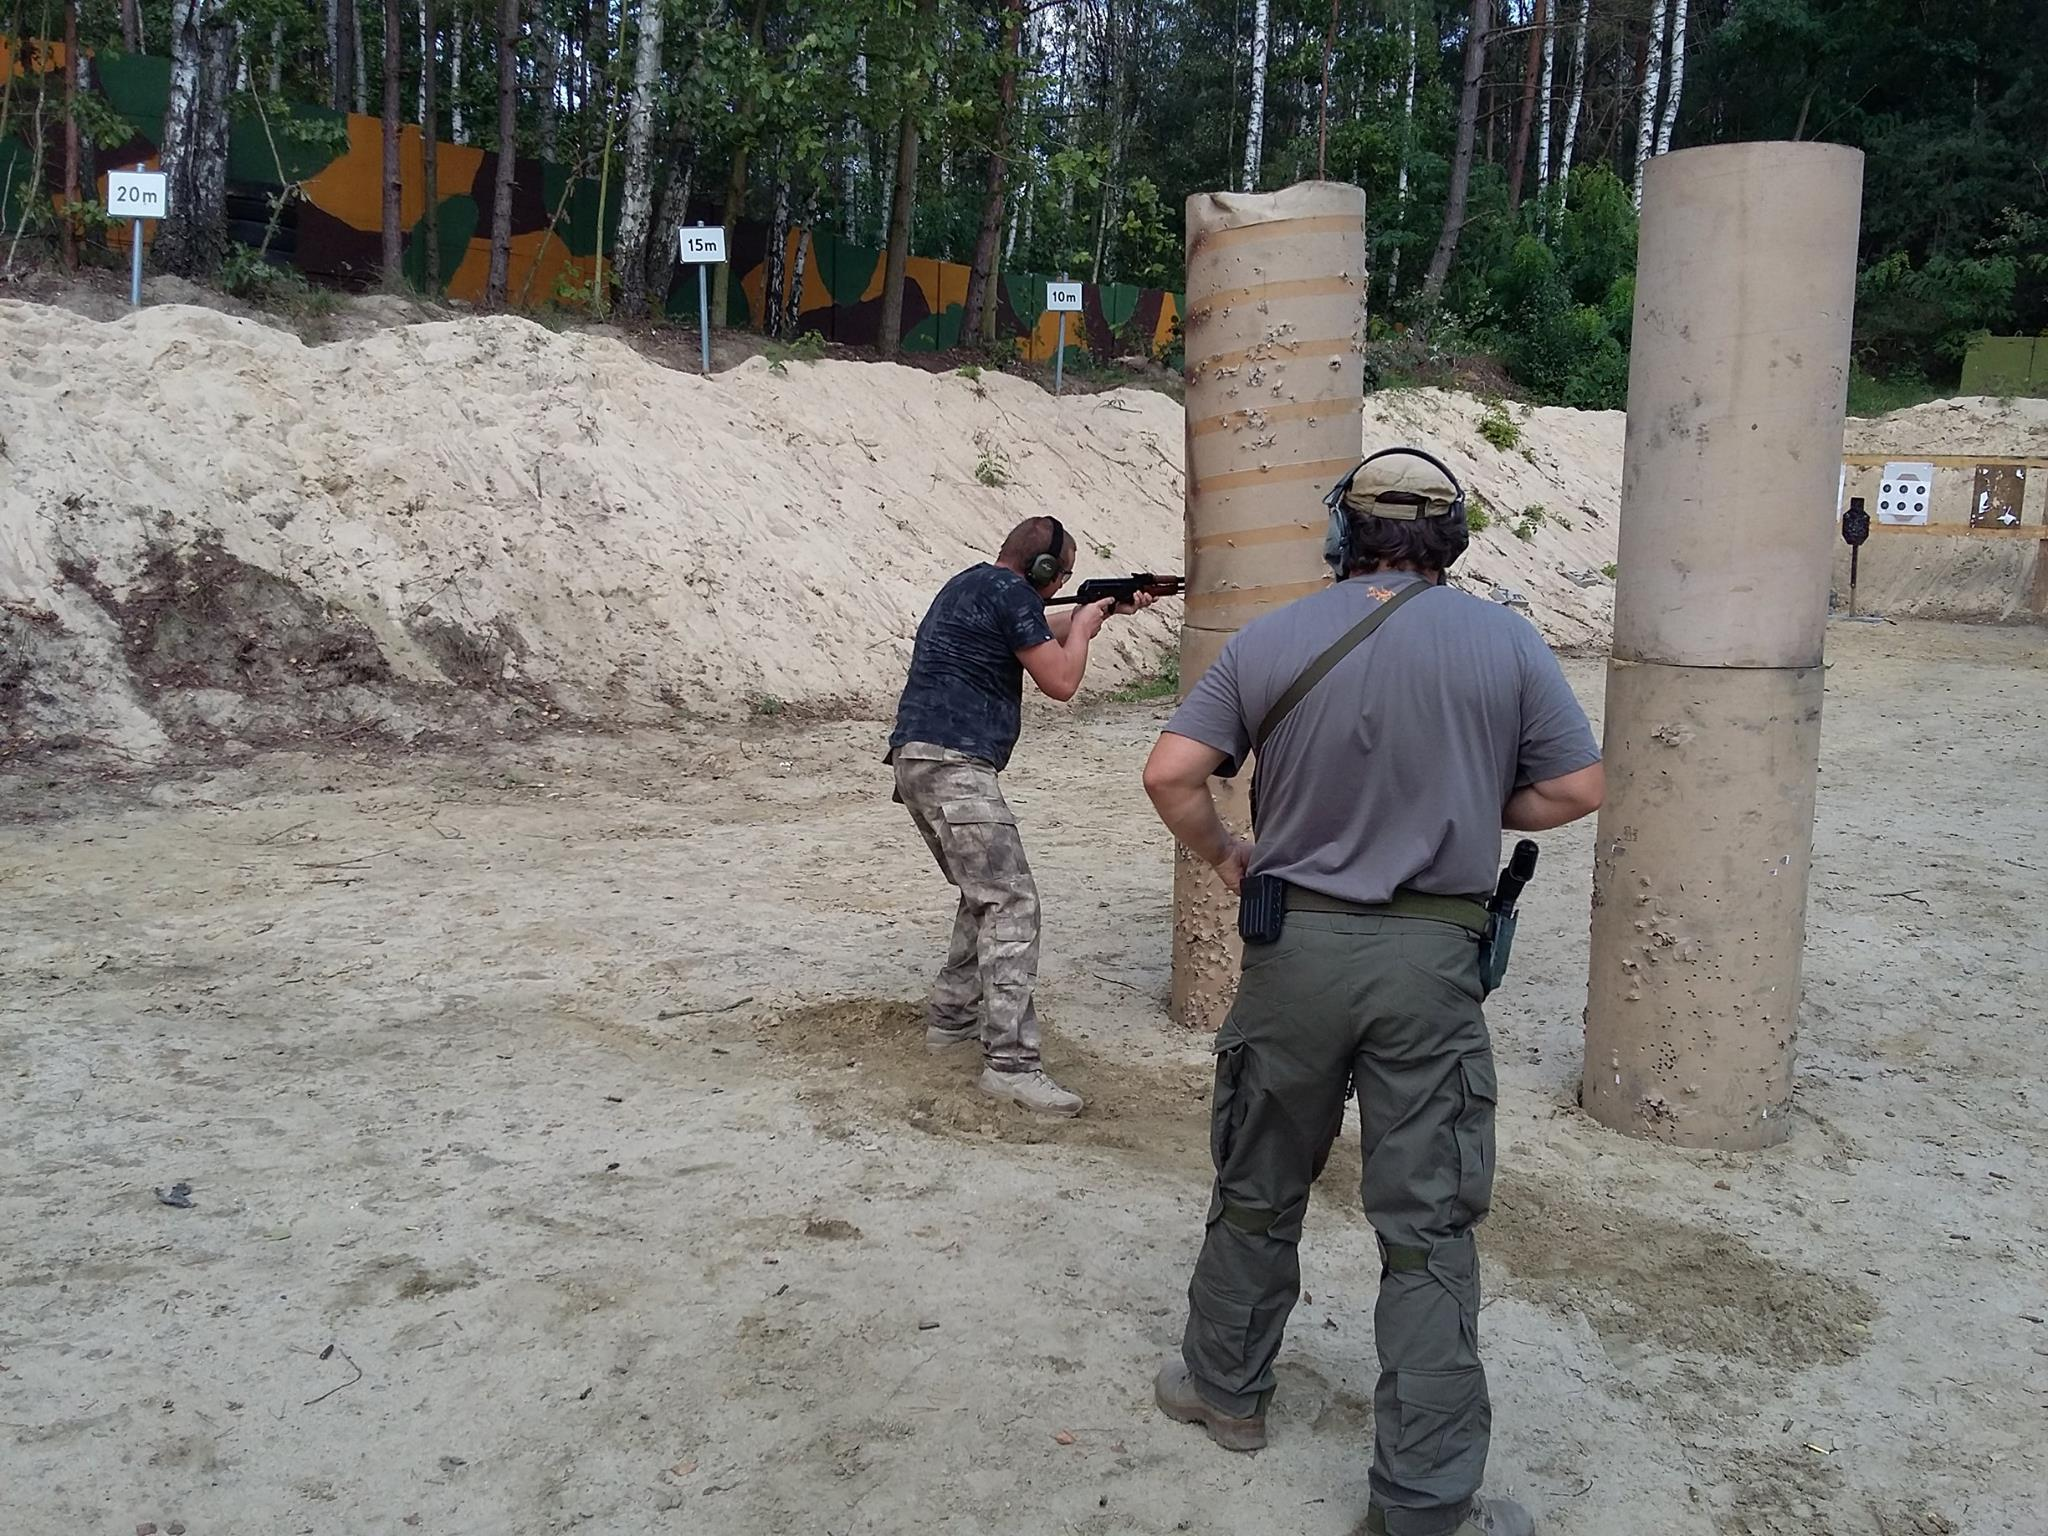 Szkolenie w zakresie strzelectwa bojowego z karabinu